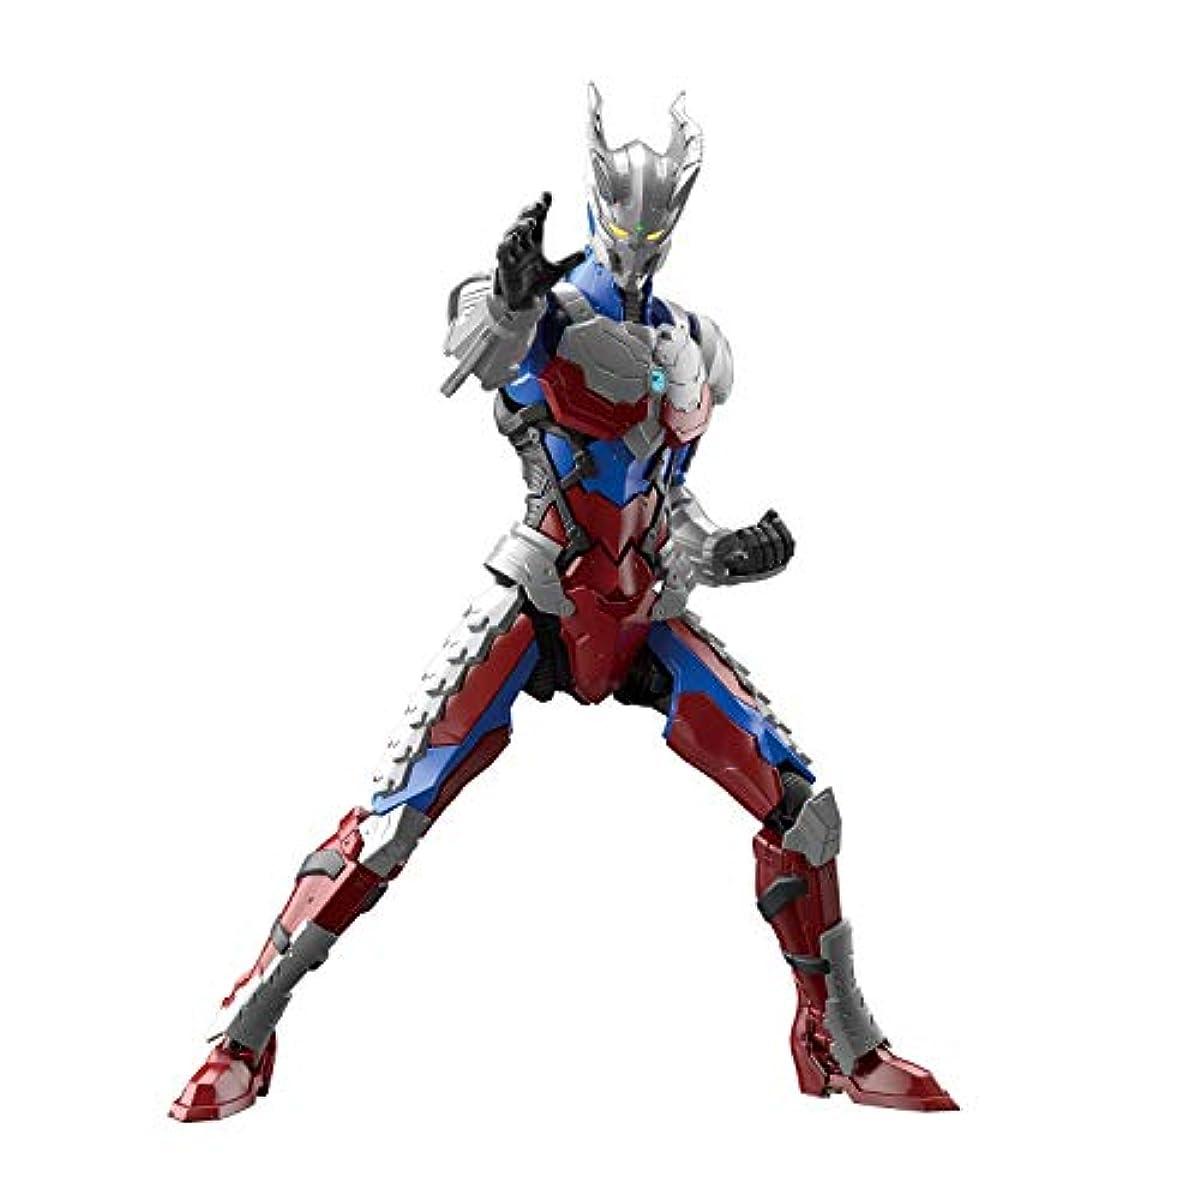 [해외] 피규어 라이즈 스탠다드 ULTRAMAN(울트라맨) SUIT ZERO -ACTION- 1/12스케일 색분할 프라모델